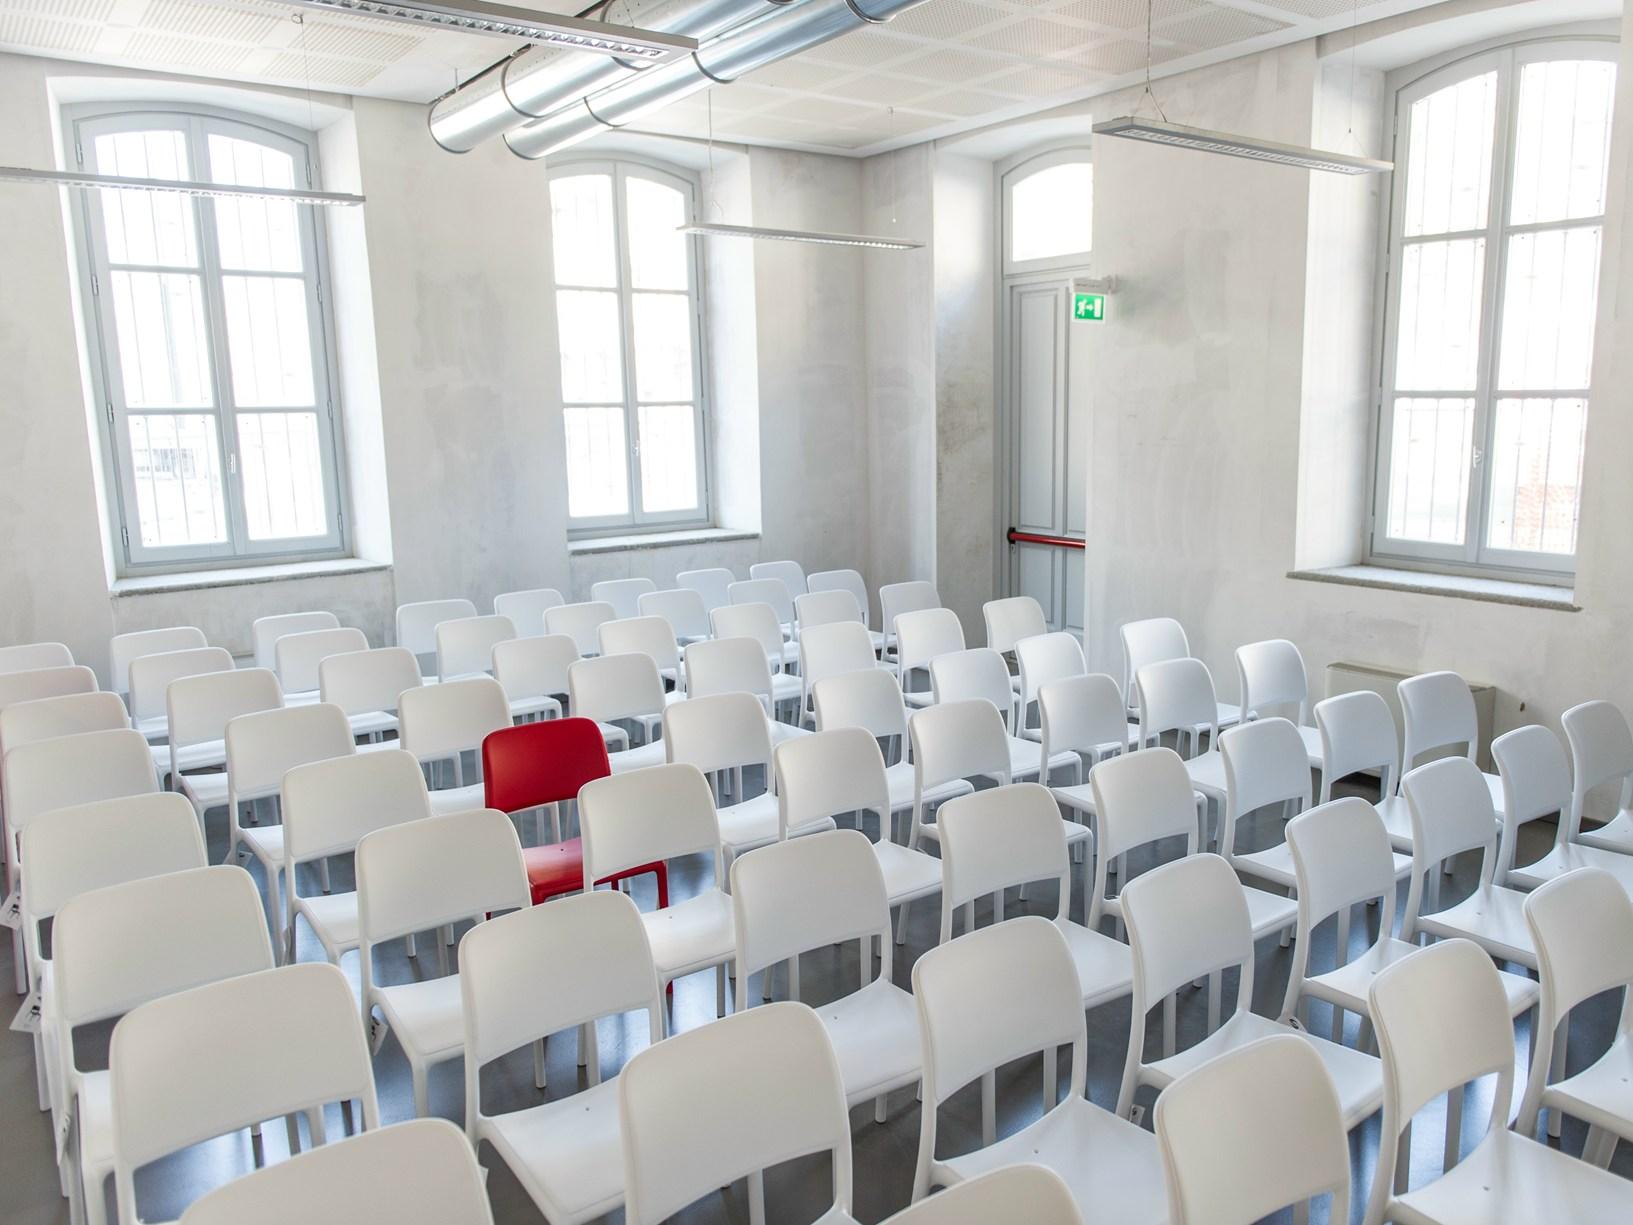 Torino, IAAD - Istituto d'Arte applicata e Design (courtesy: IAAD)